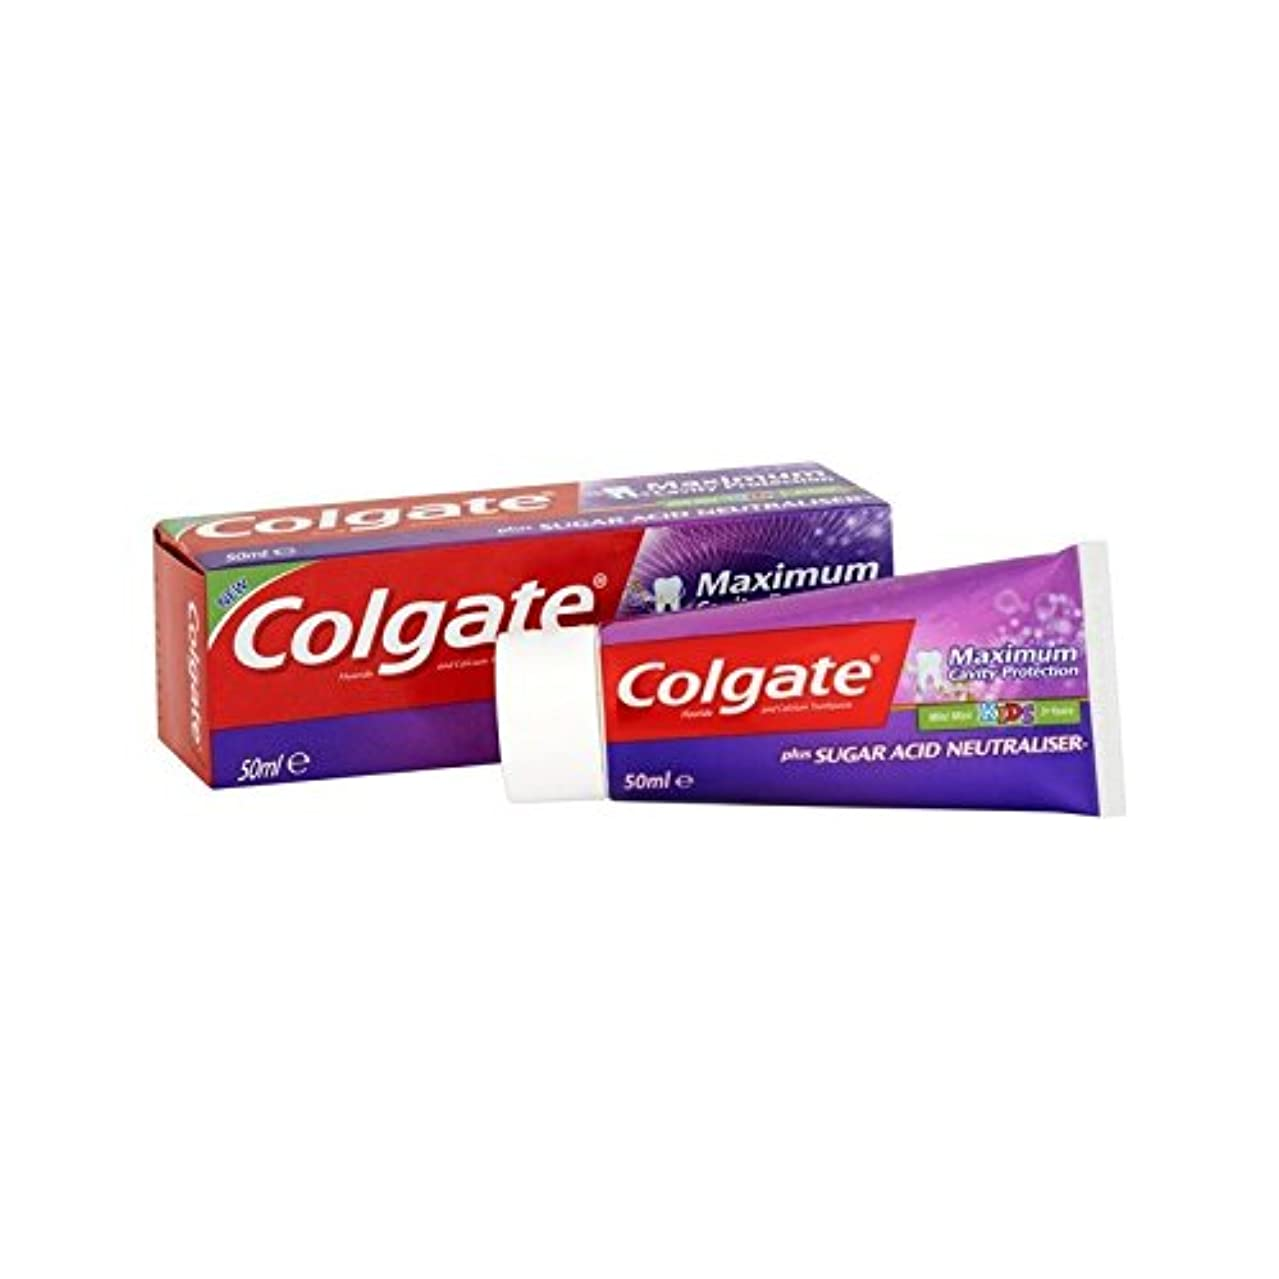 また明日ね抑制する才能のある最大空洞の子供の50ミリリットルを保護 (Colgate) (x 2) - Colgate Maximum Cavity Protect Kids 50ml (Pack of 2) [並行輸入品]